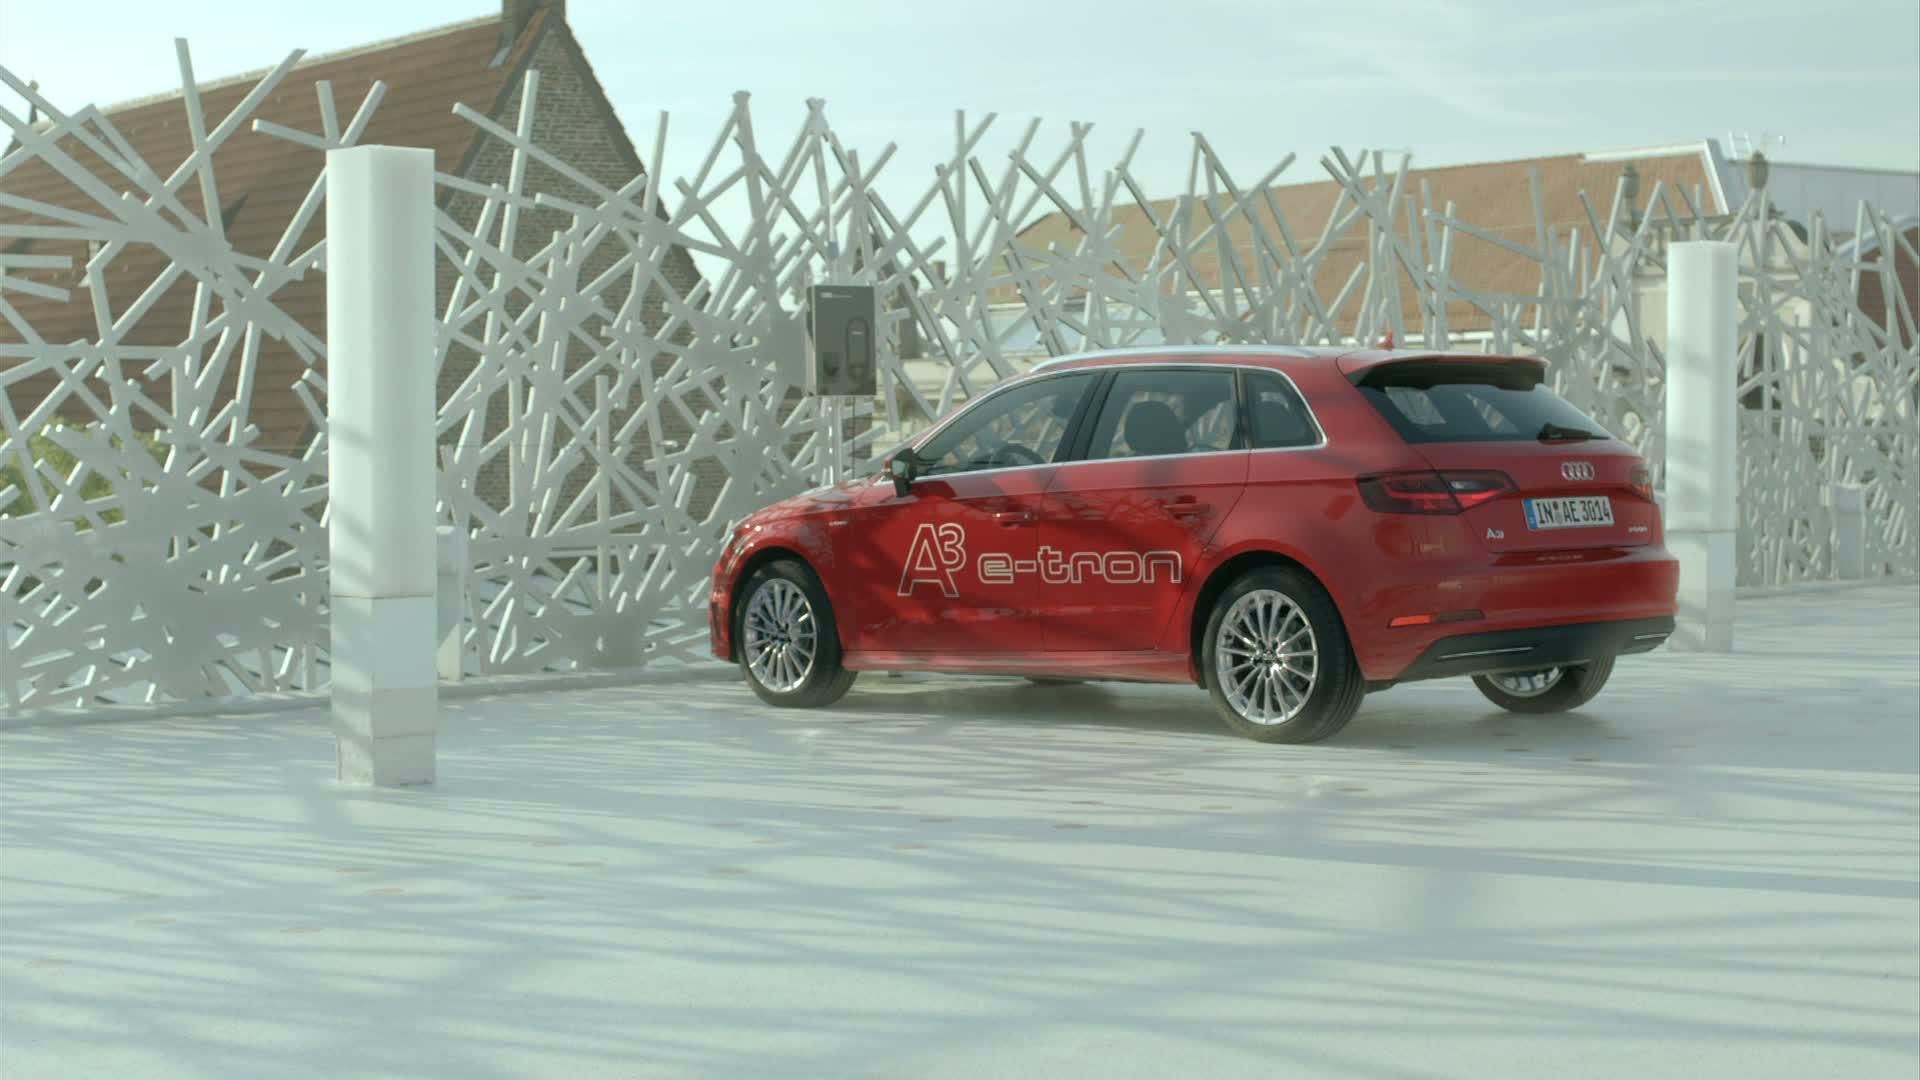 Dialoge Magazin - Audi A3 Sportback e-tron